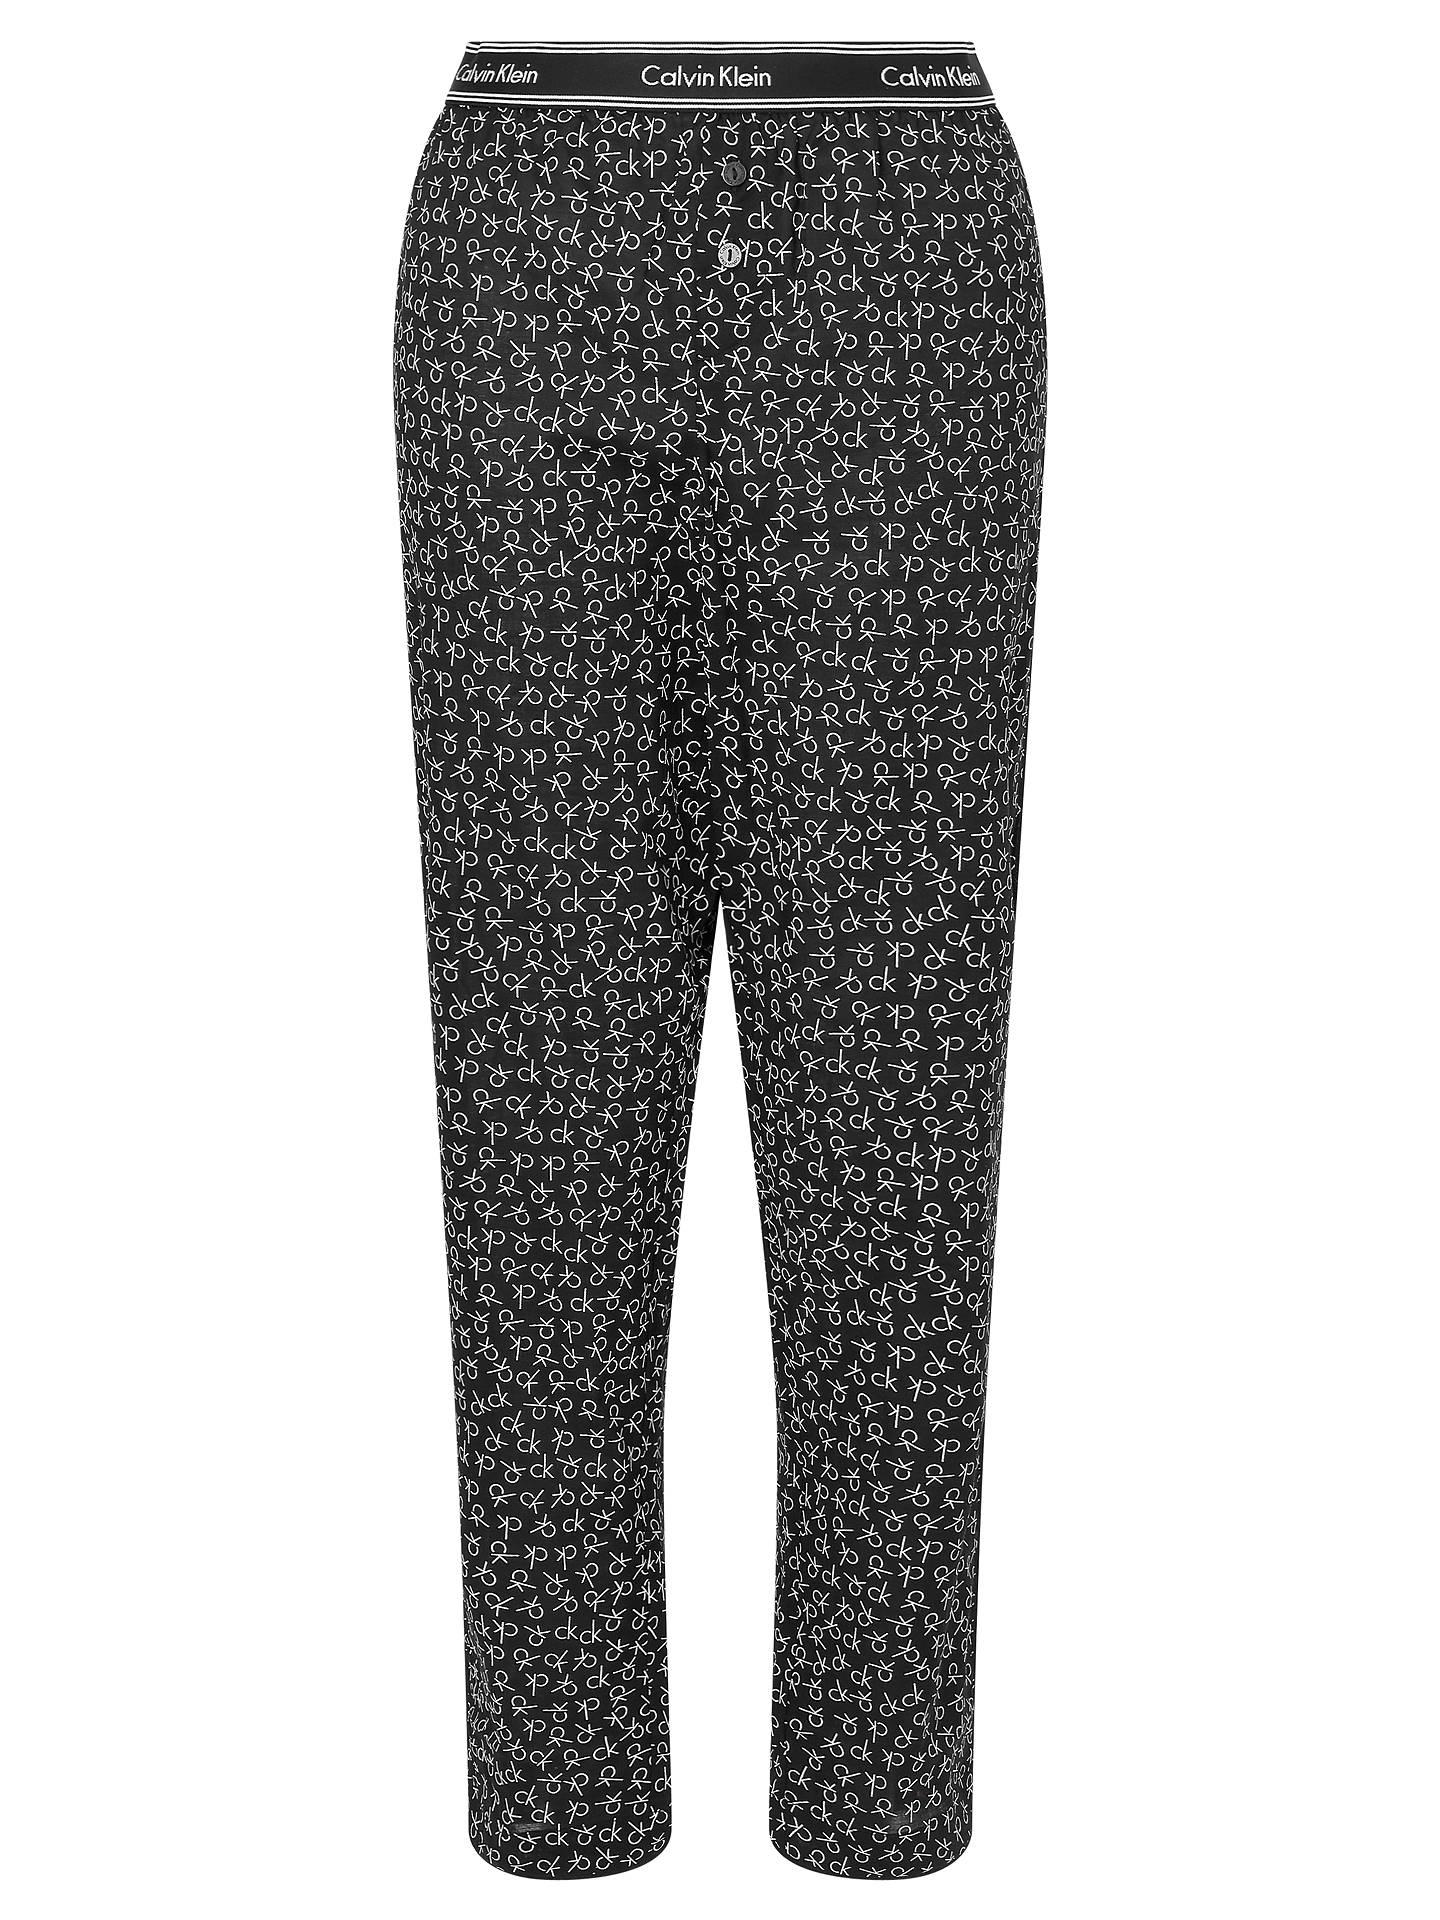 Calvin Klein Pyjamas Women | Debenhams